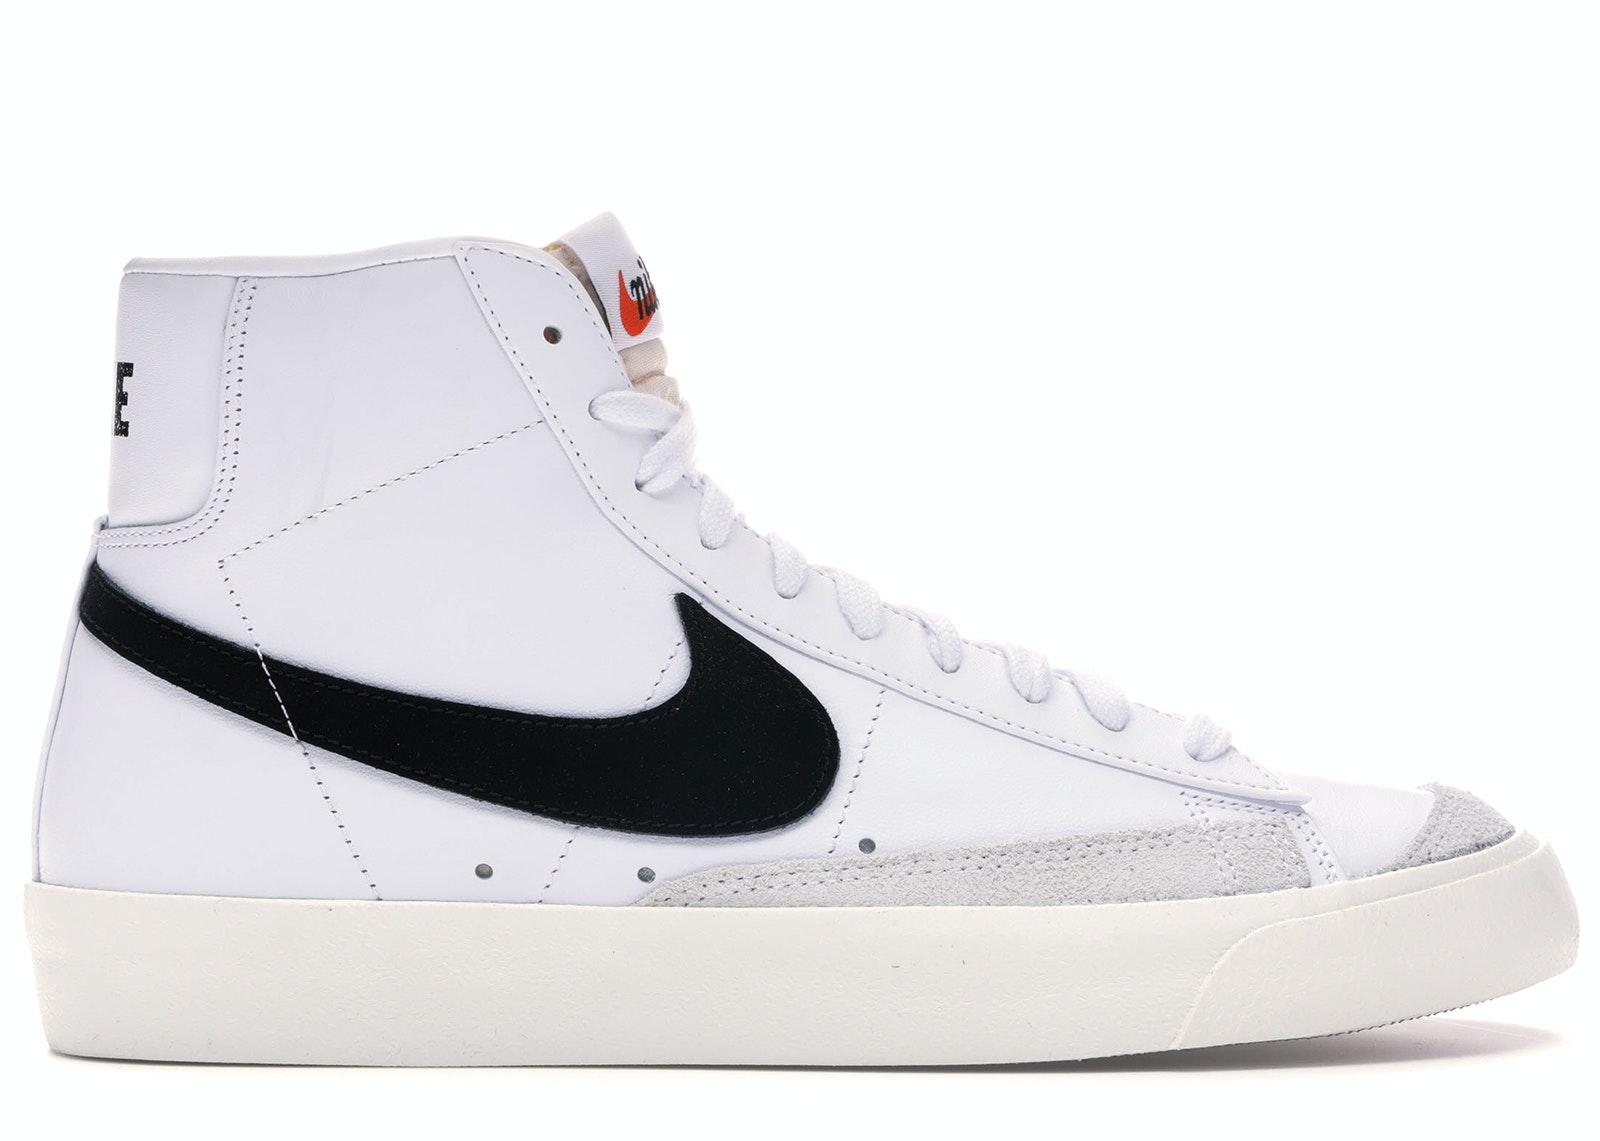 Nike Blazer Mid 77 Vintage White Black